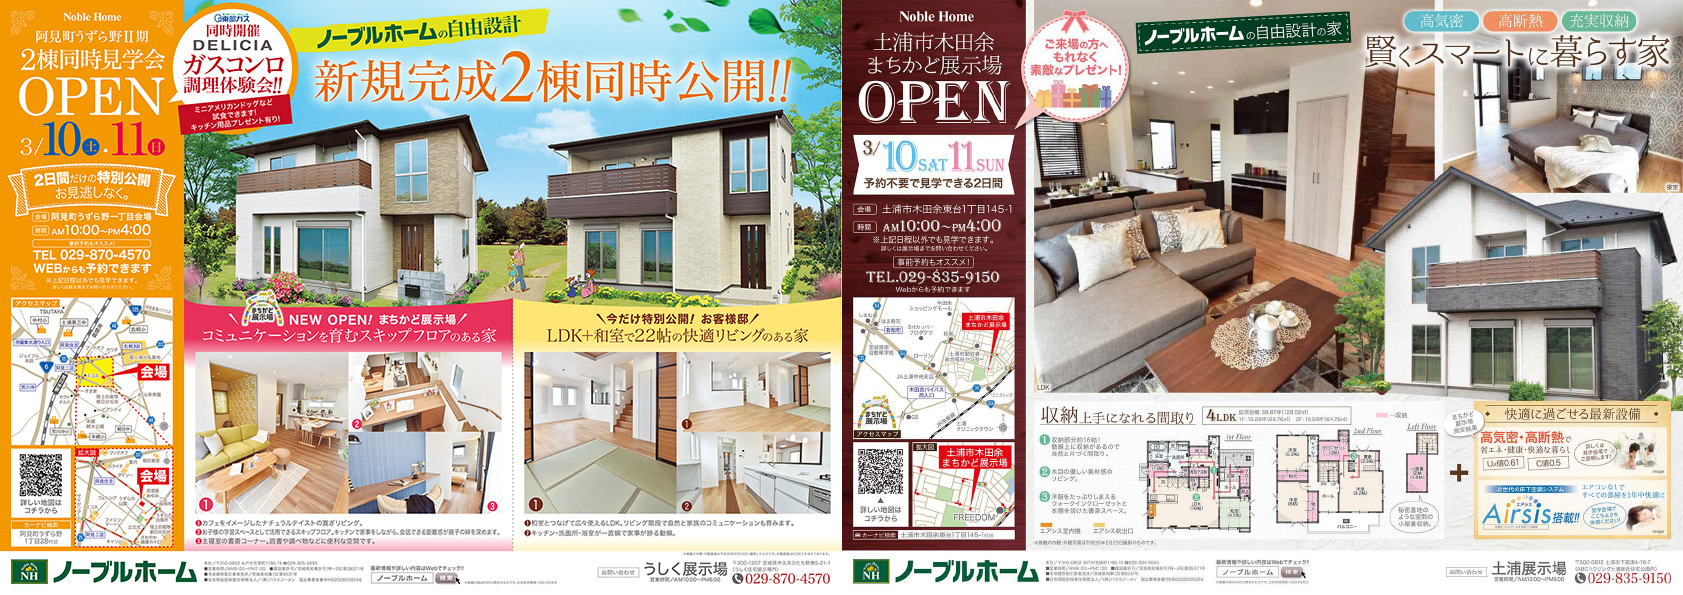 0310_ノーブル土浦うしく(A4)(3校)